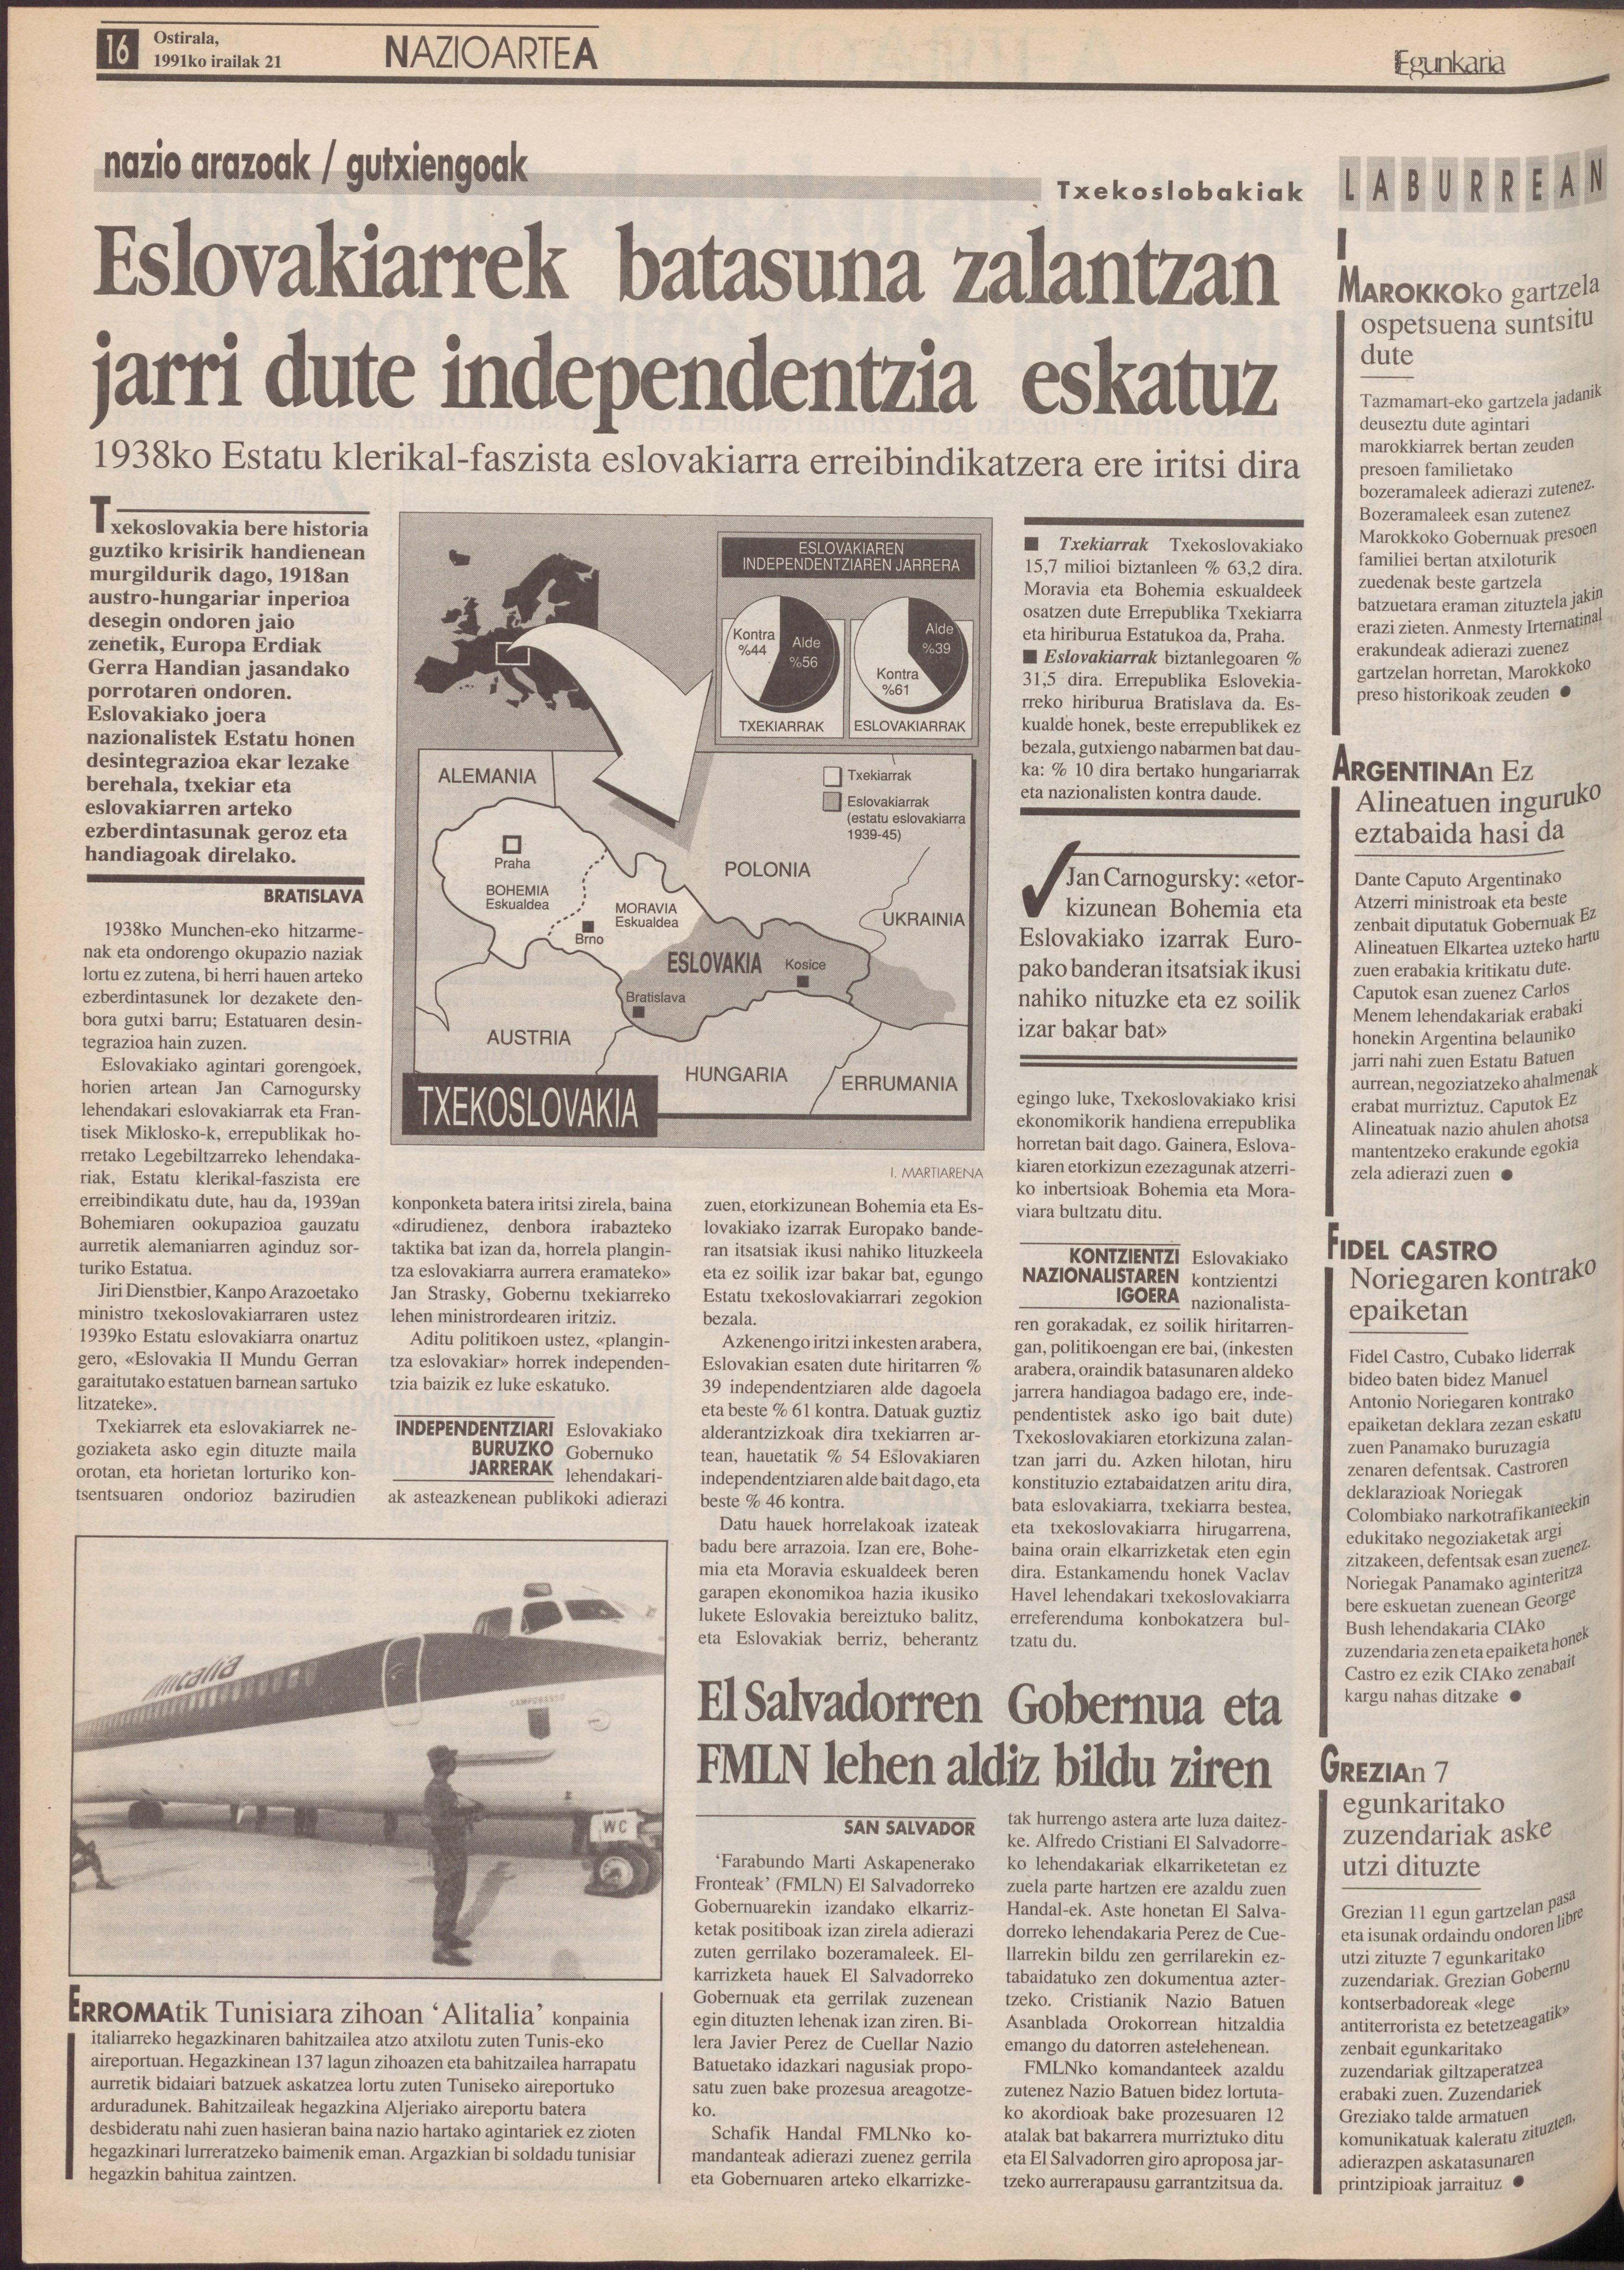 1991ko irailak 21, 16. orrialdea